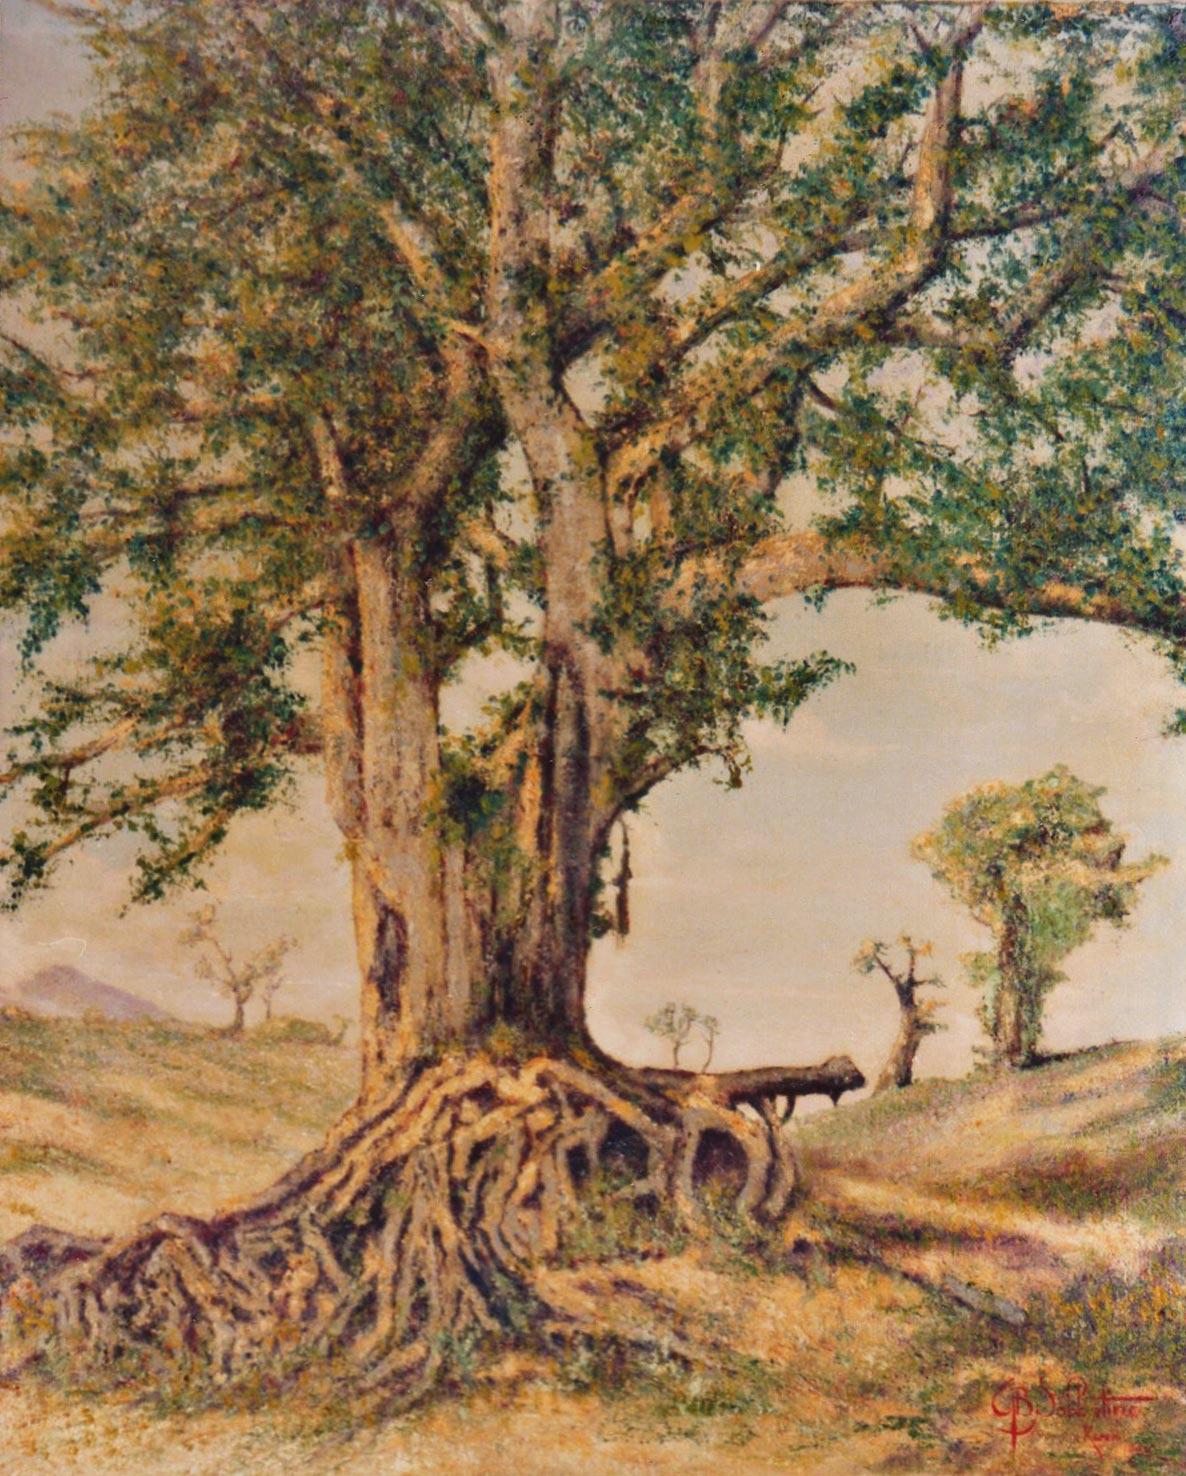 quadri africani paesaggi sicomoro Keren olio su tela Sabbatino